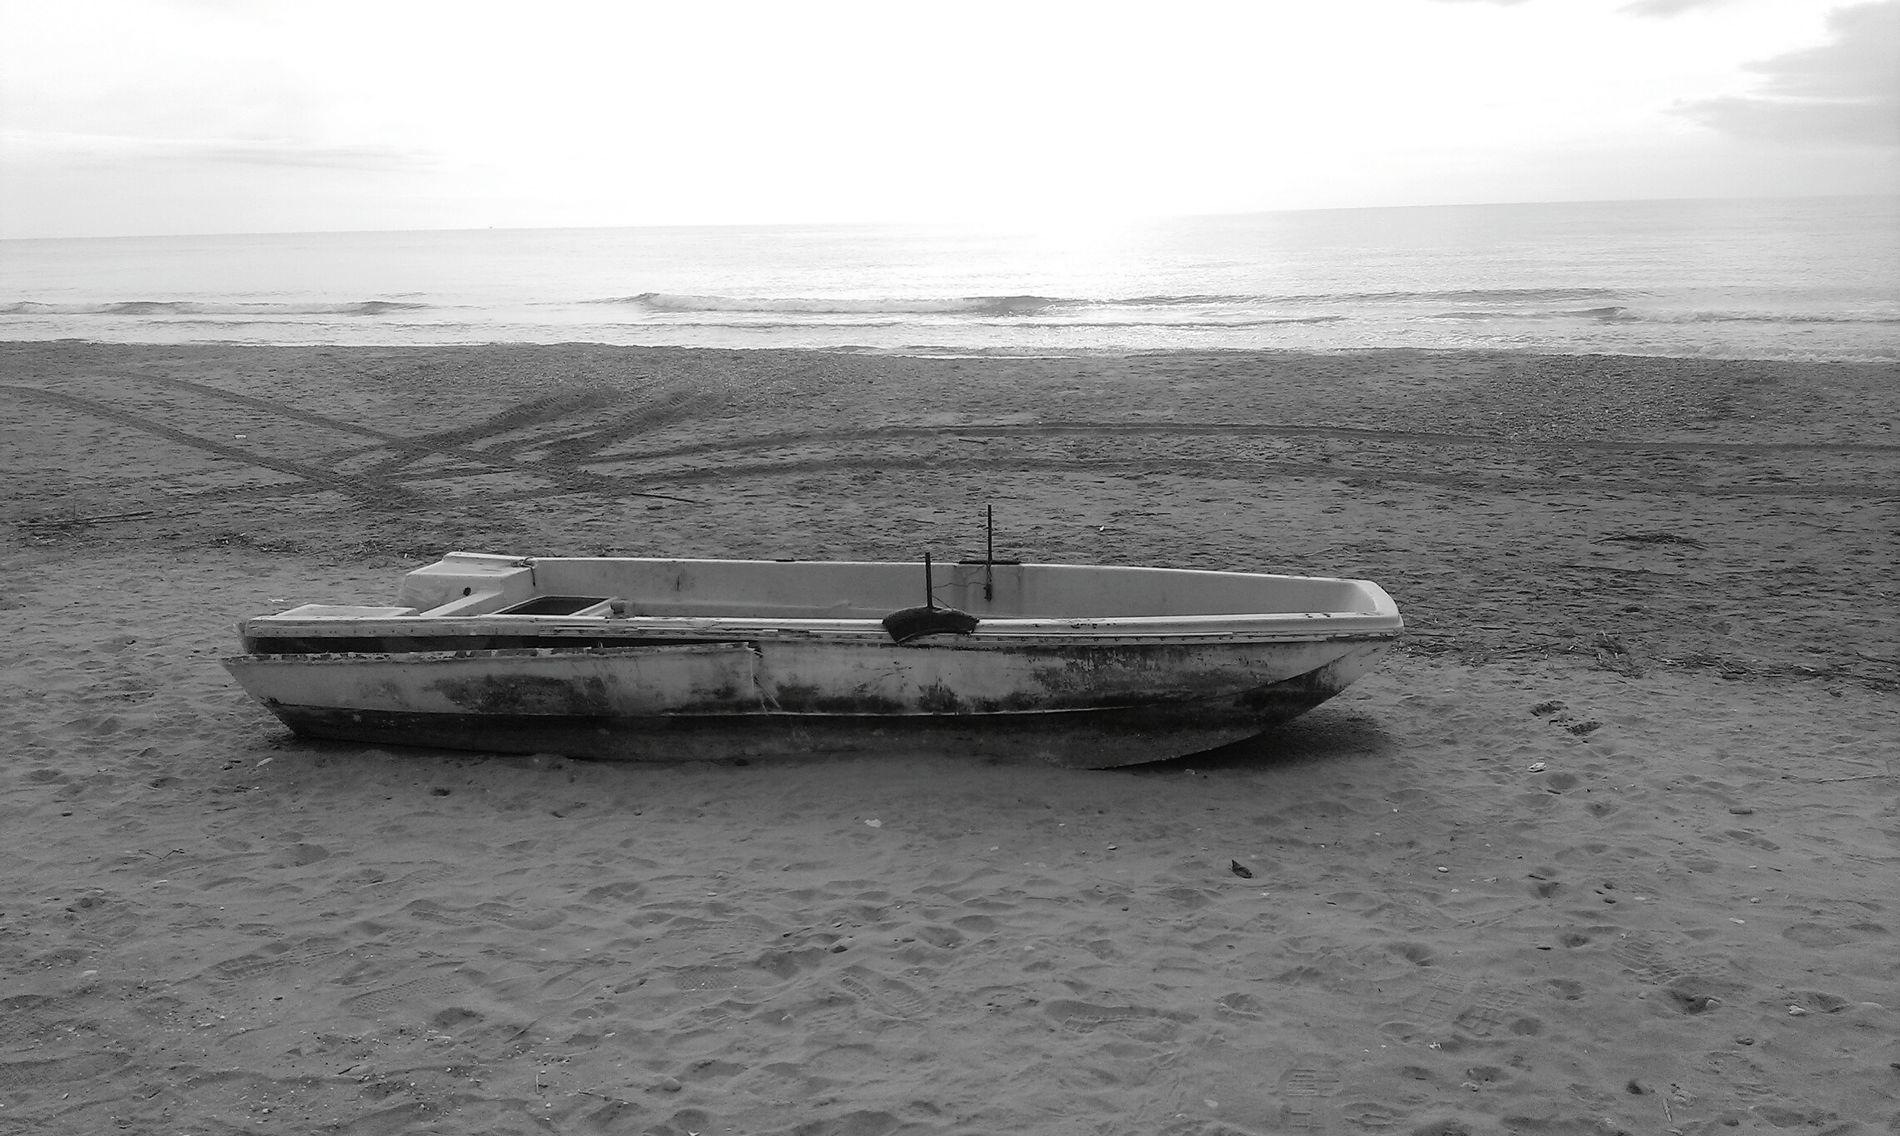 Sea Beach Spiaggia Lungomare Mare Winter Black & White Blackandwhite Bleck Day Barça #boat